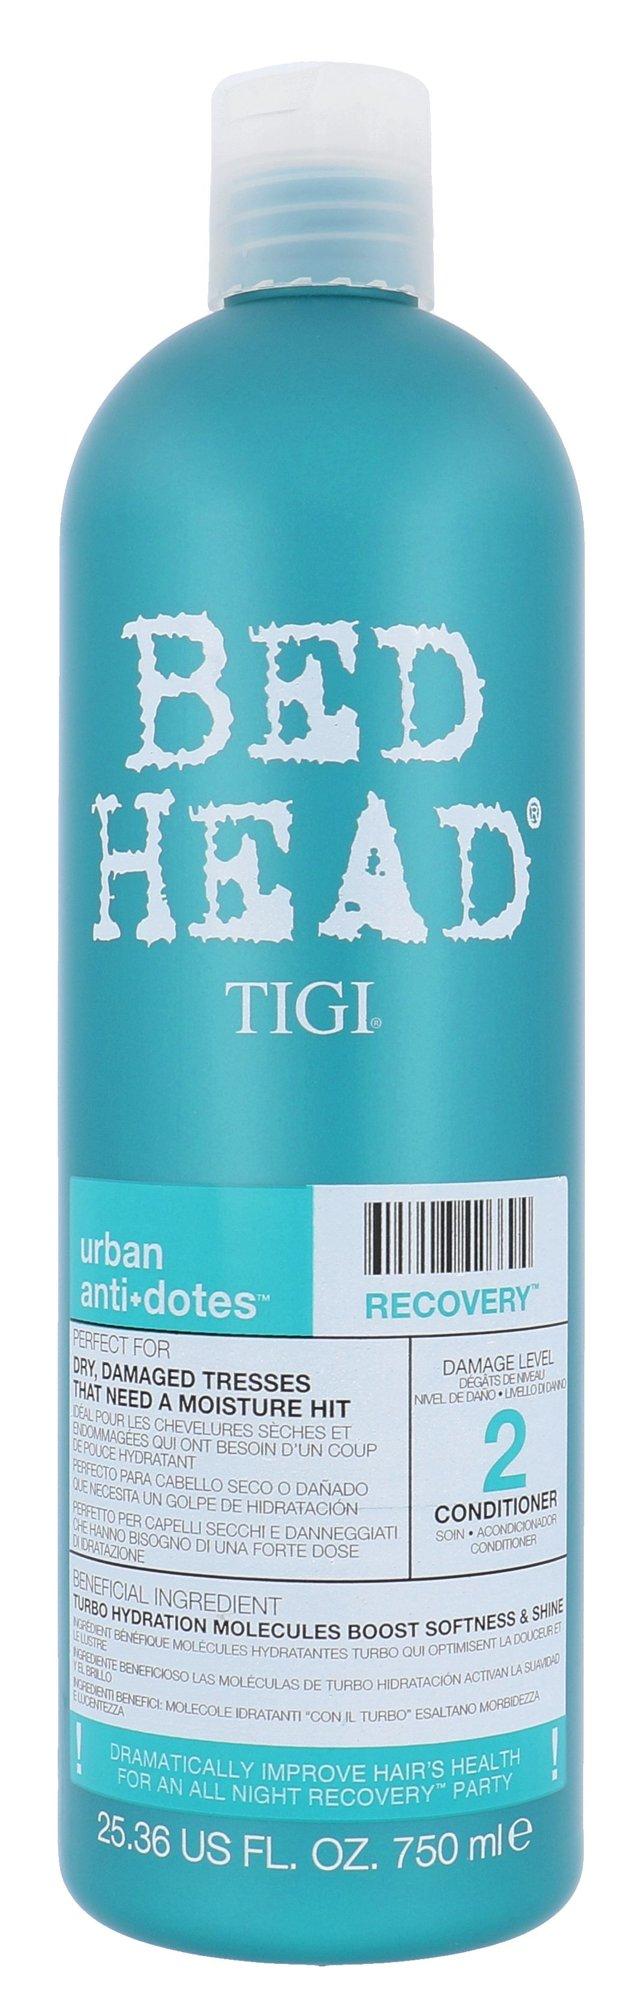 Plaukų kondicionierius Tigi Bed Head Recovery